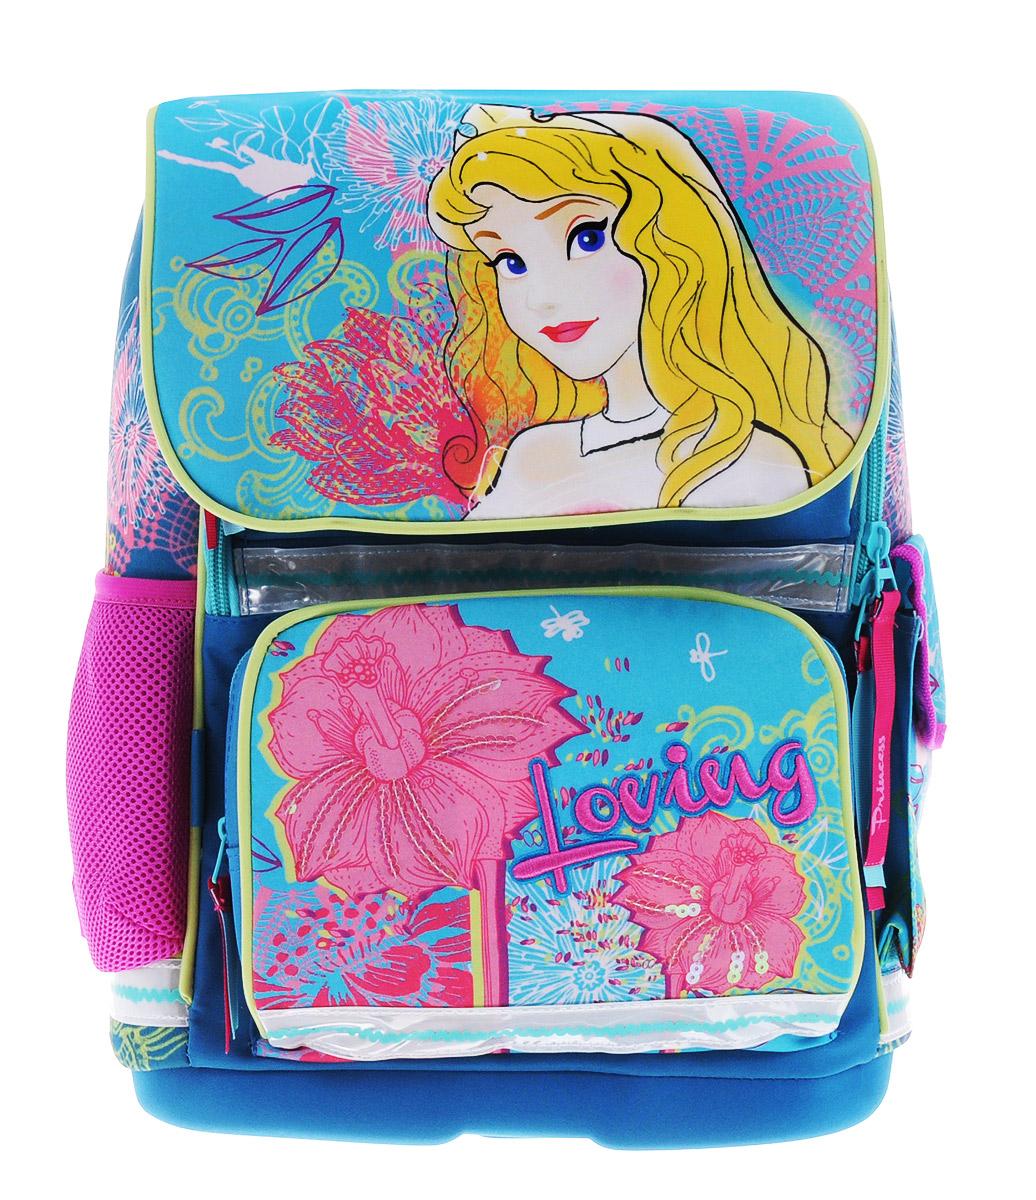 Seventeen Ранец школьный Disney PrincessPRCB-RT2-537Ранец школьный Disney Princess - это красивый и удобный рюкзак, который подойдет всем, кто хочет разнообразить свои школьные будни. Ранец выполнен из плотного материала и оформлен оригинальным принтом и вышивкой. Рюкзак имеет одно большое отделение и закрывается на молнию и клапан на липучках. Отделение содержит внутри мягкую перегородку и резинку-держатель. На лицевой стороне рюкзака и под клапаном расположены накладные карманы на молниях. По бокам - один карман-сетка и один закрытый карман на липучке. Рюкзак также оснащен удобной ручкой с резиновой насадкой для удобной переноски и светоотражающими элементами. Широкие регулируемые лямки и сетчатые мягкие вставки на спинке рюкзака предохранят мышцы спины ребенка от перенапряжения при длительном ношении. У ранца имеется грудное крепление-стяжка для фиксации на плечах ребенка. Дно ранца выполнено из пластика, обтянутого тканью, оно не деформируется, обеспечивает ранцу хорошую устойчивость и легко...